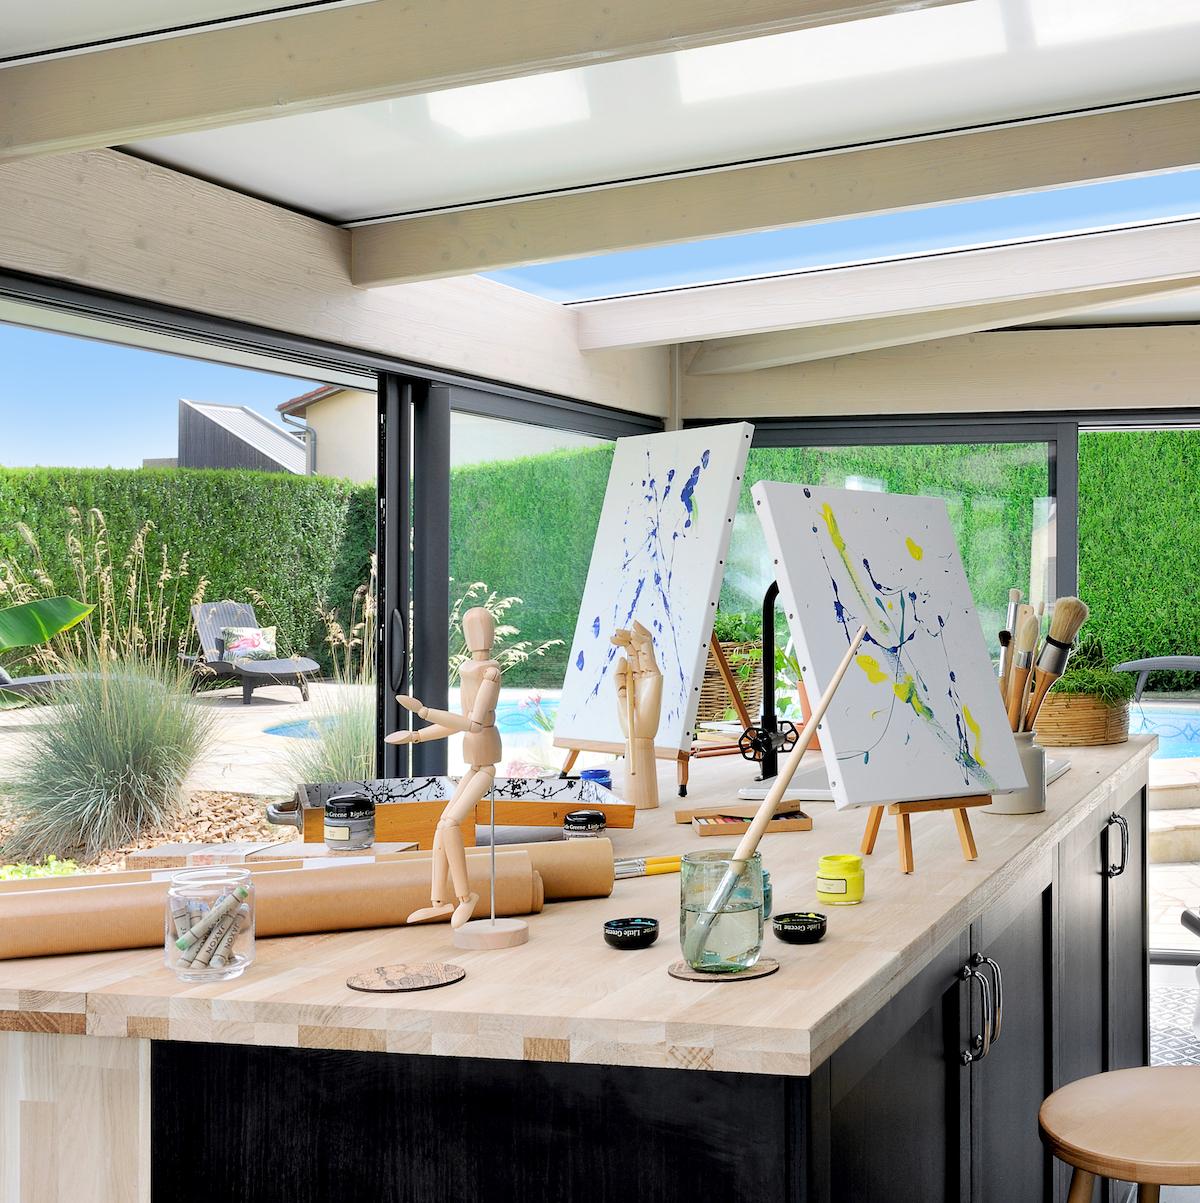 atelier d'artiste veranda extension dome toit ouvert plan de travail bois lumineux